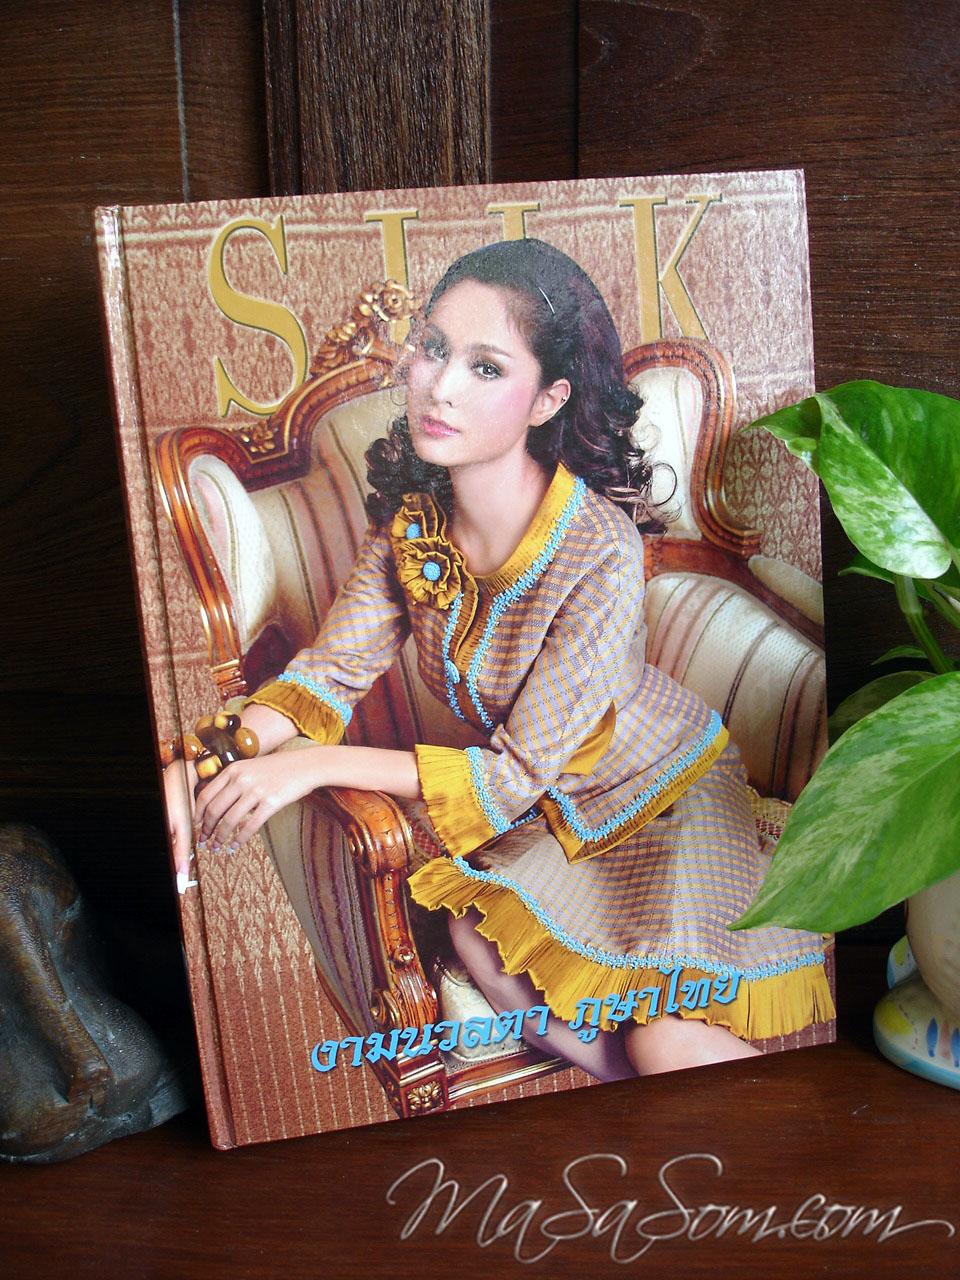 หนังสือ Silk fashion เล่มที่ 25